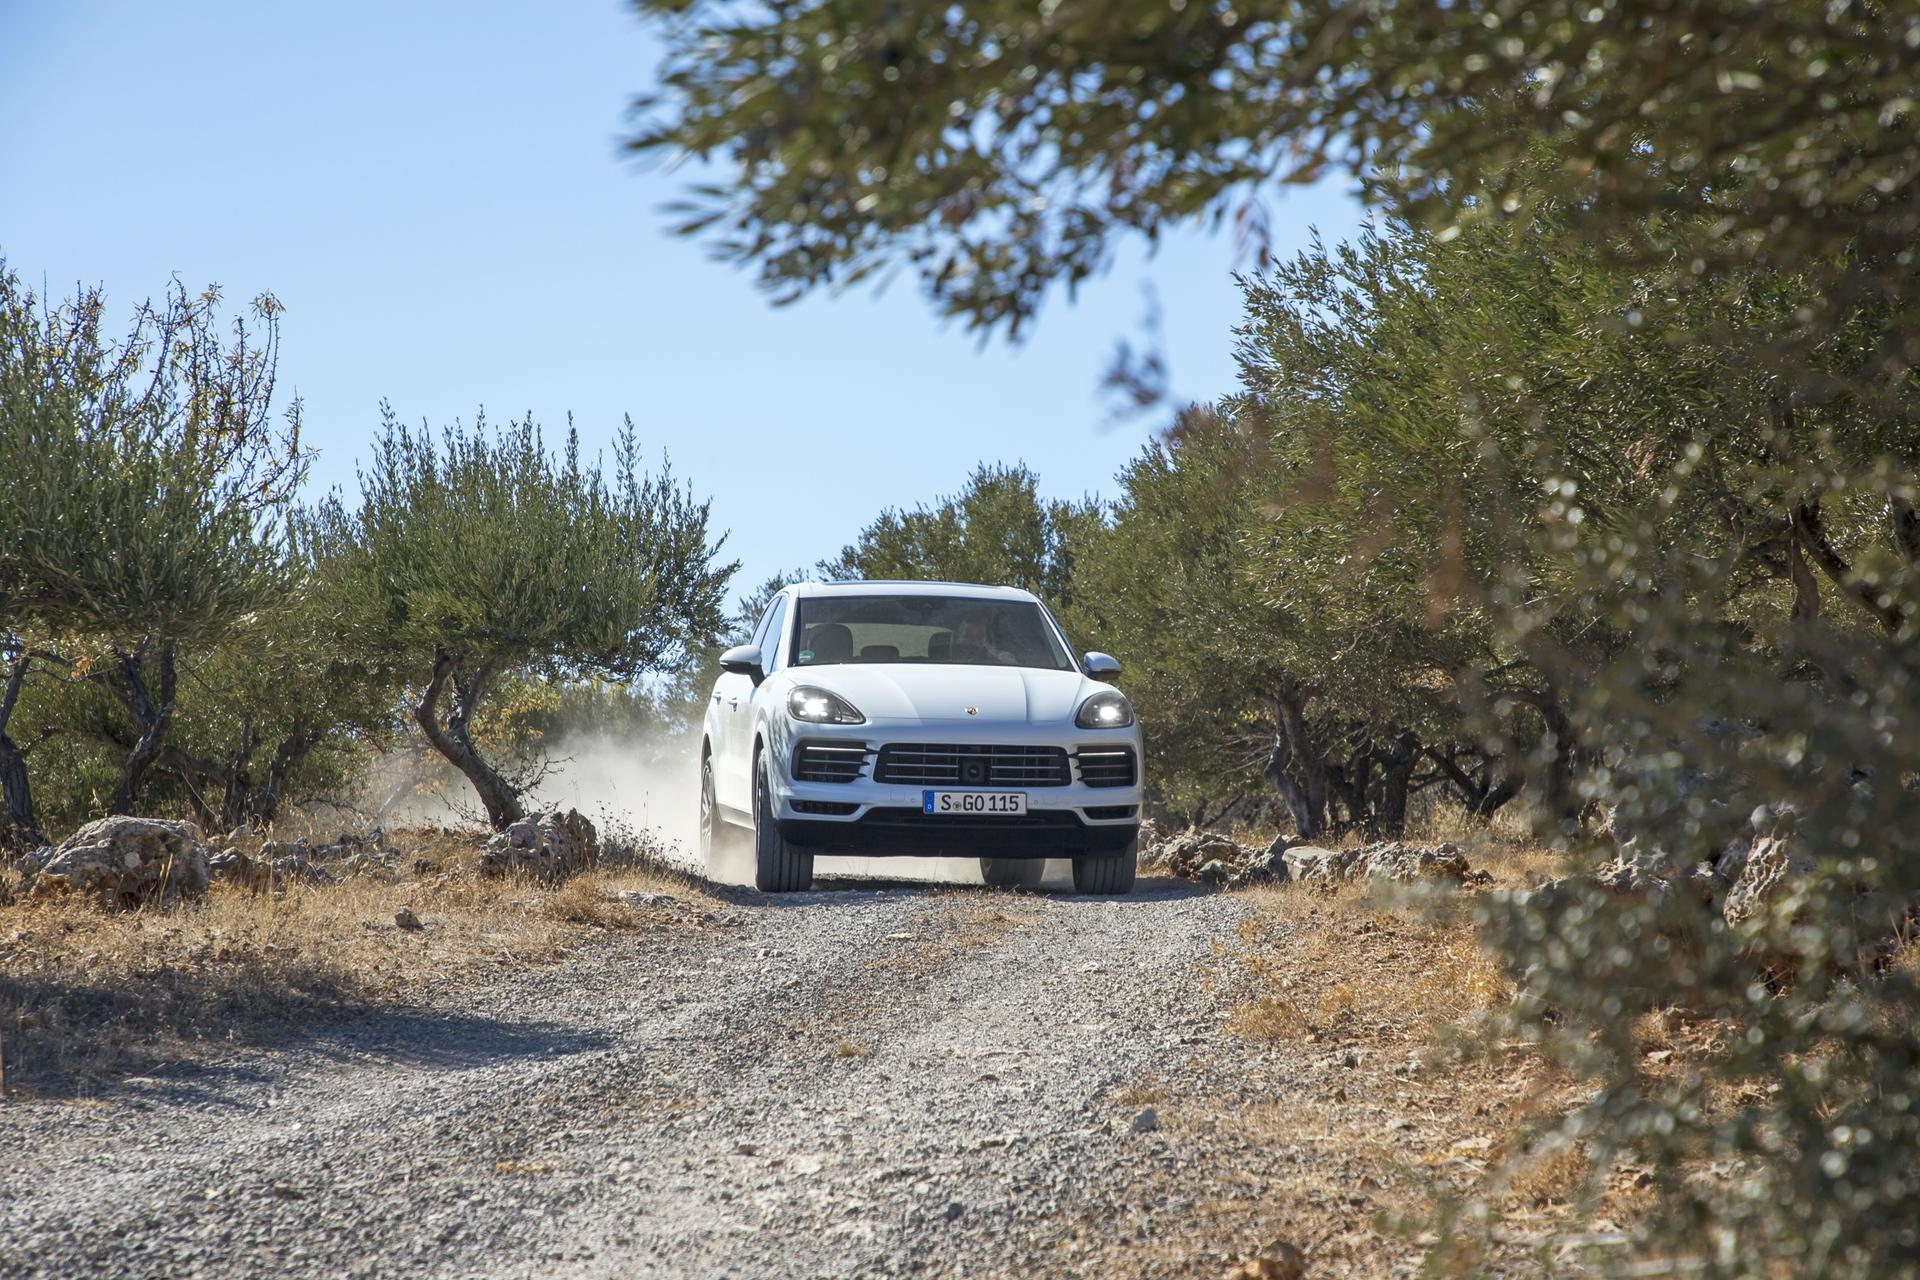 Test_Drive_Porsche_Cayenne_268